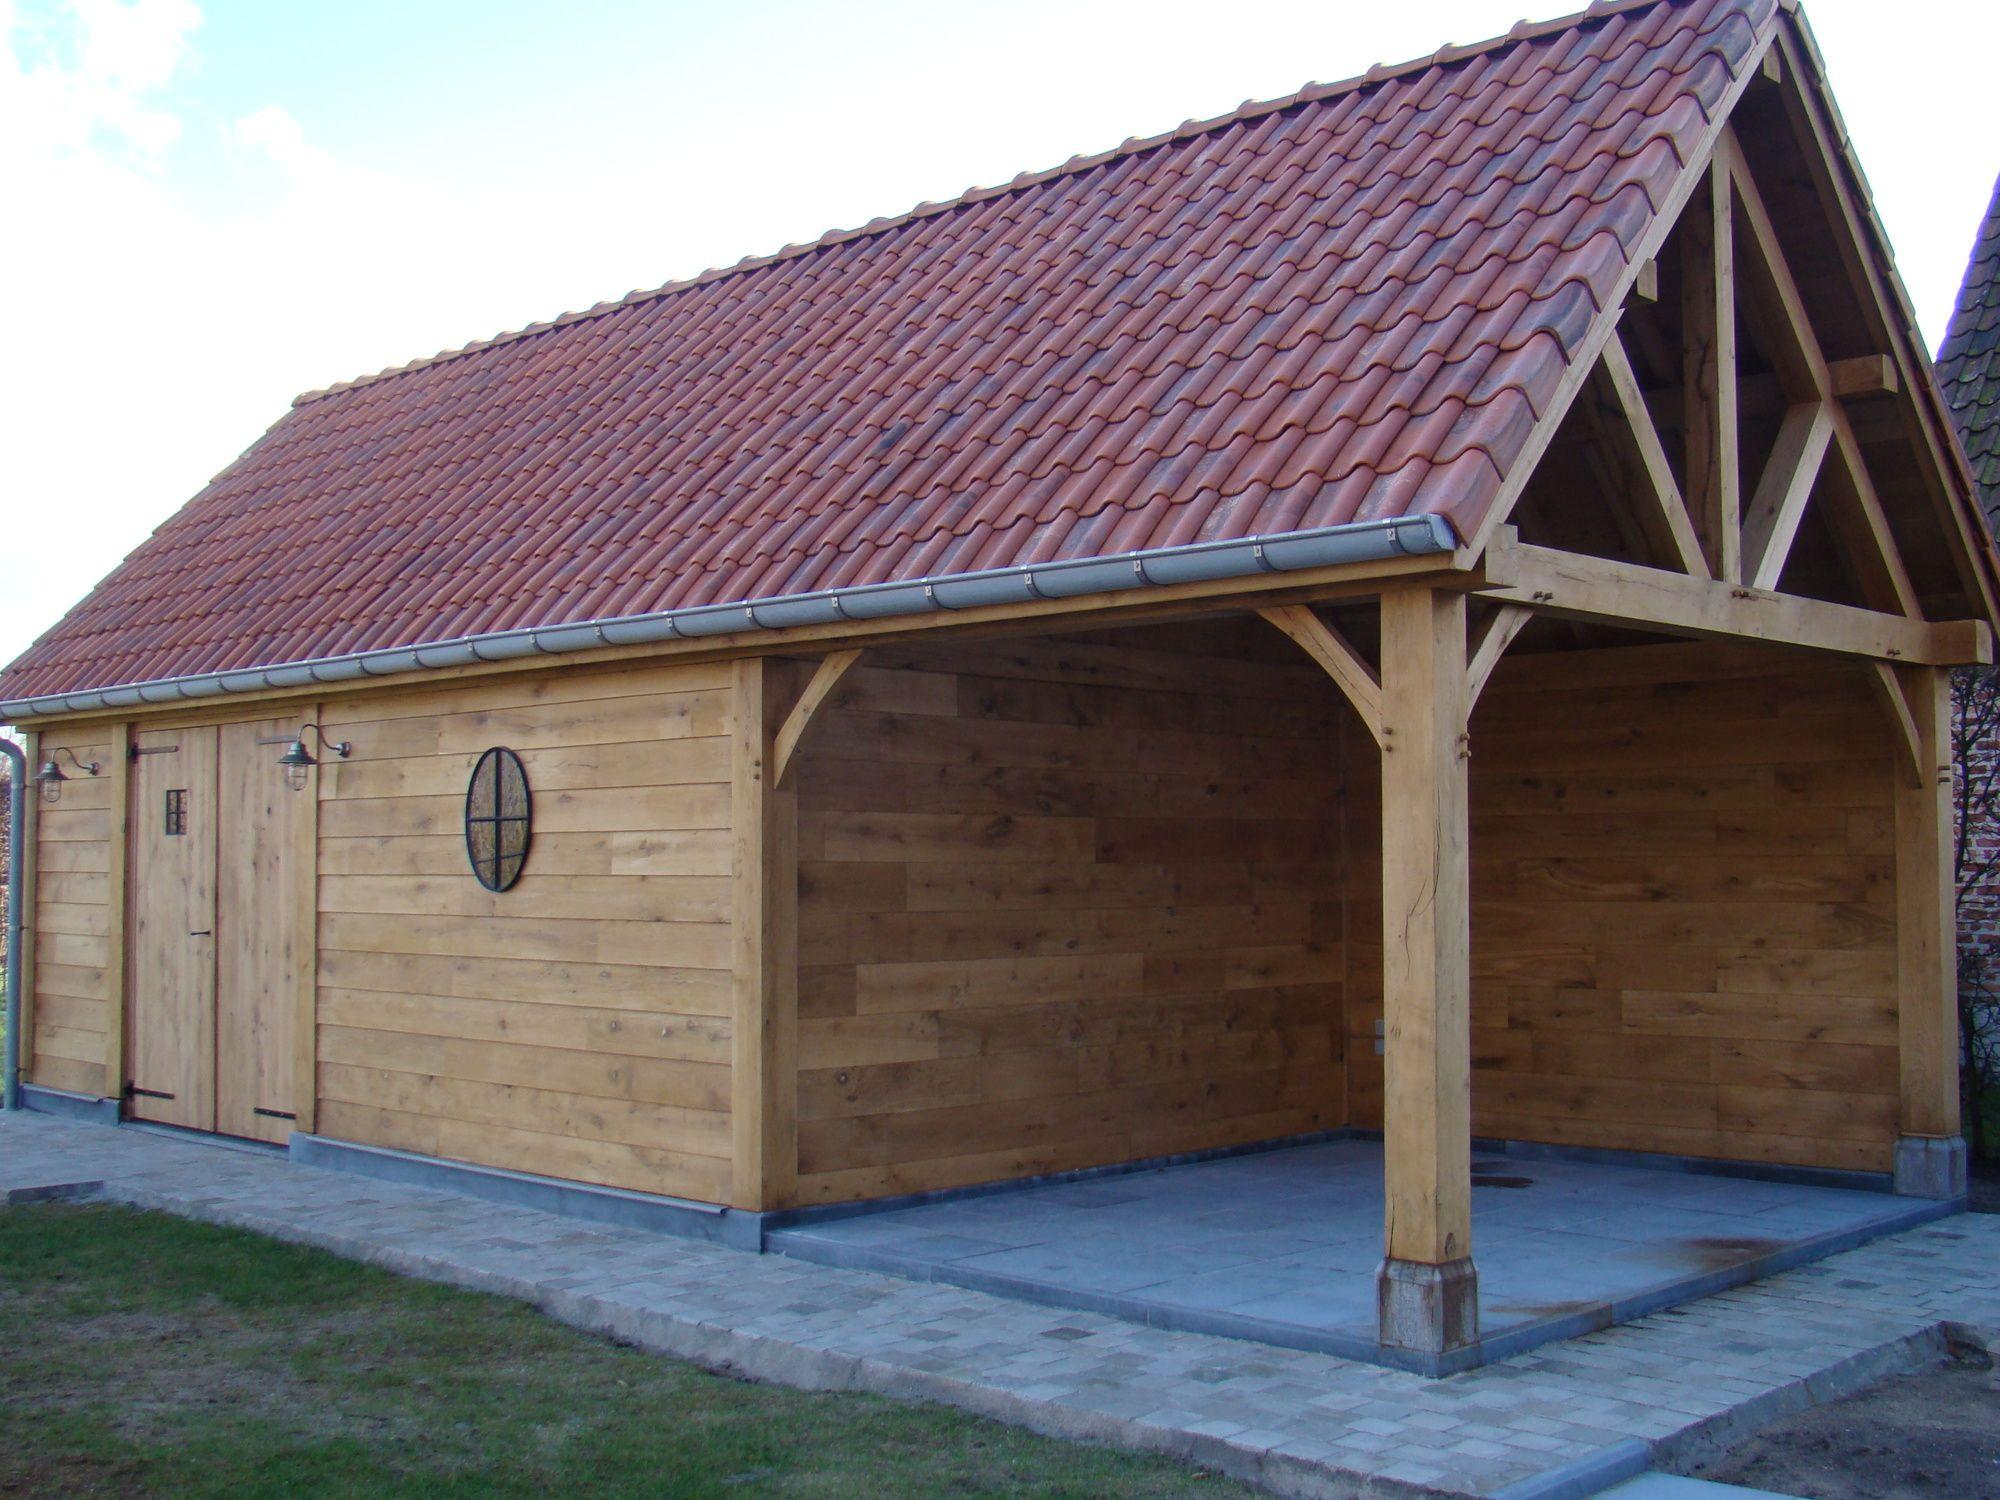 Houten bijgebouw met overdekt terras nazareth realisaties - Overdekt terras in hout ...